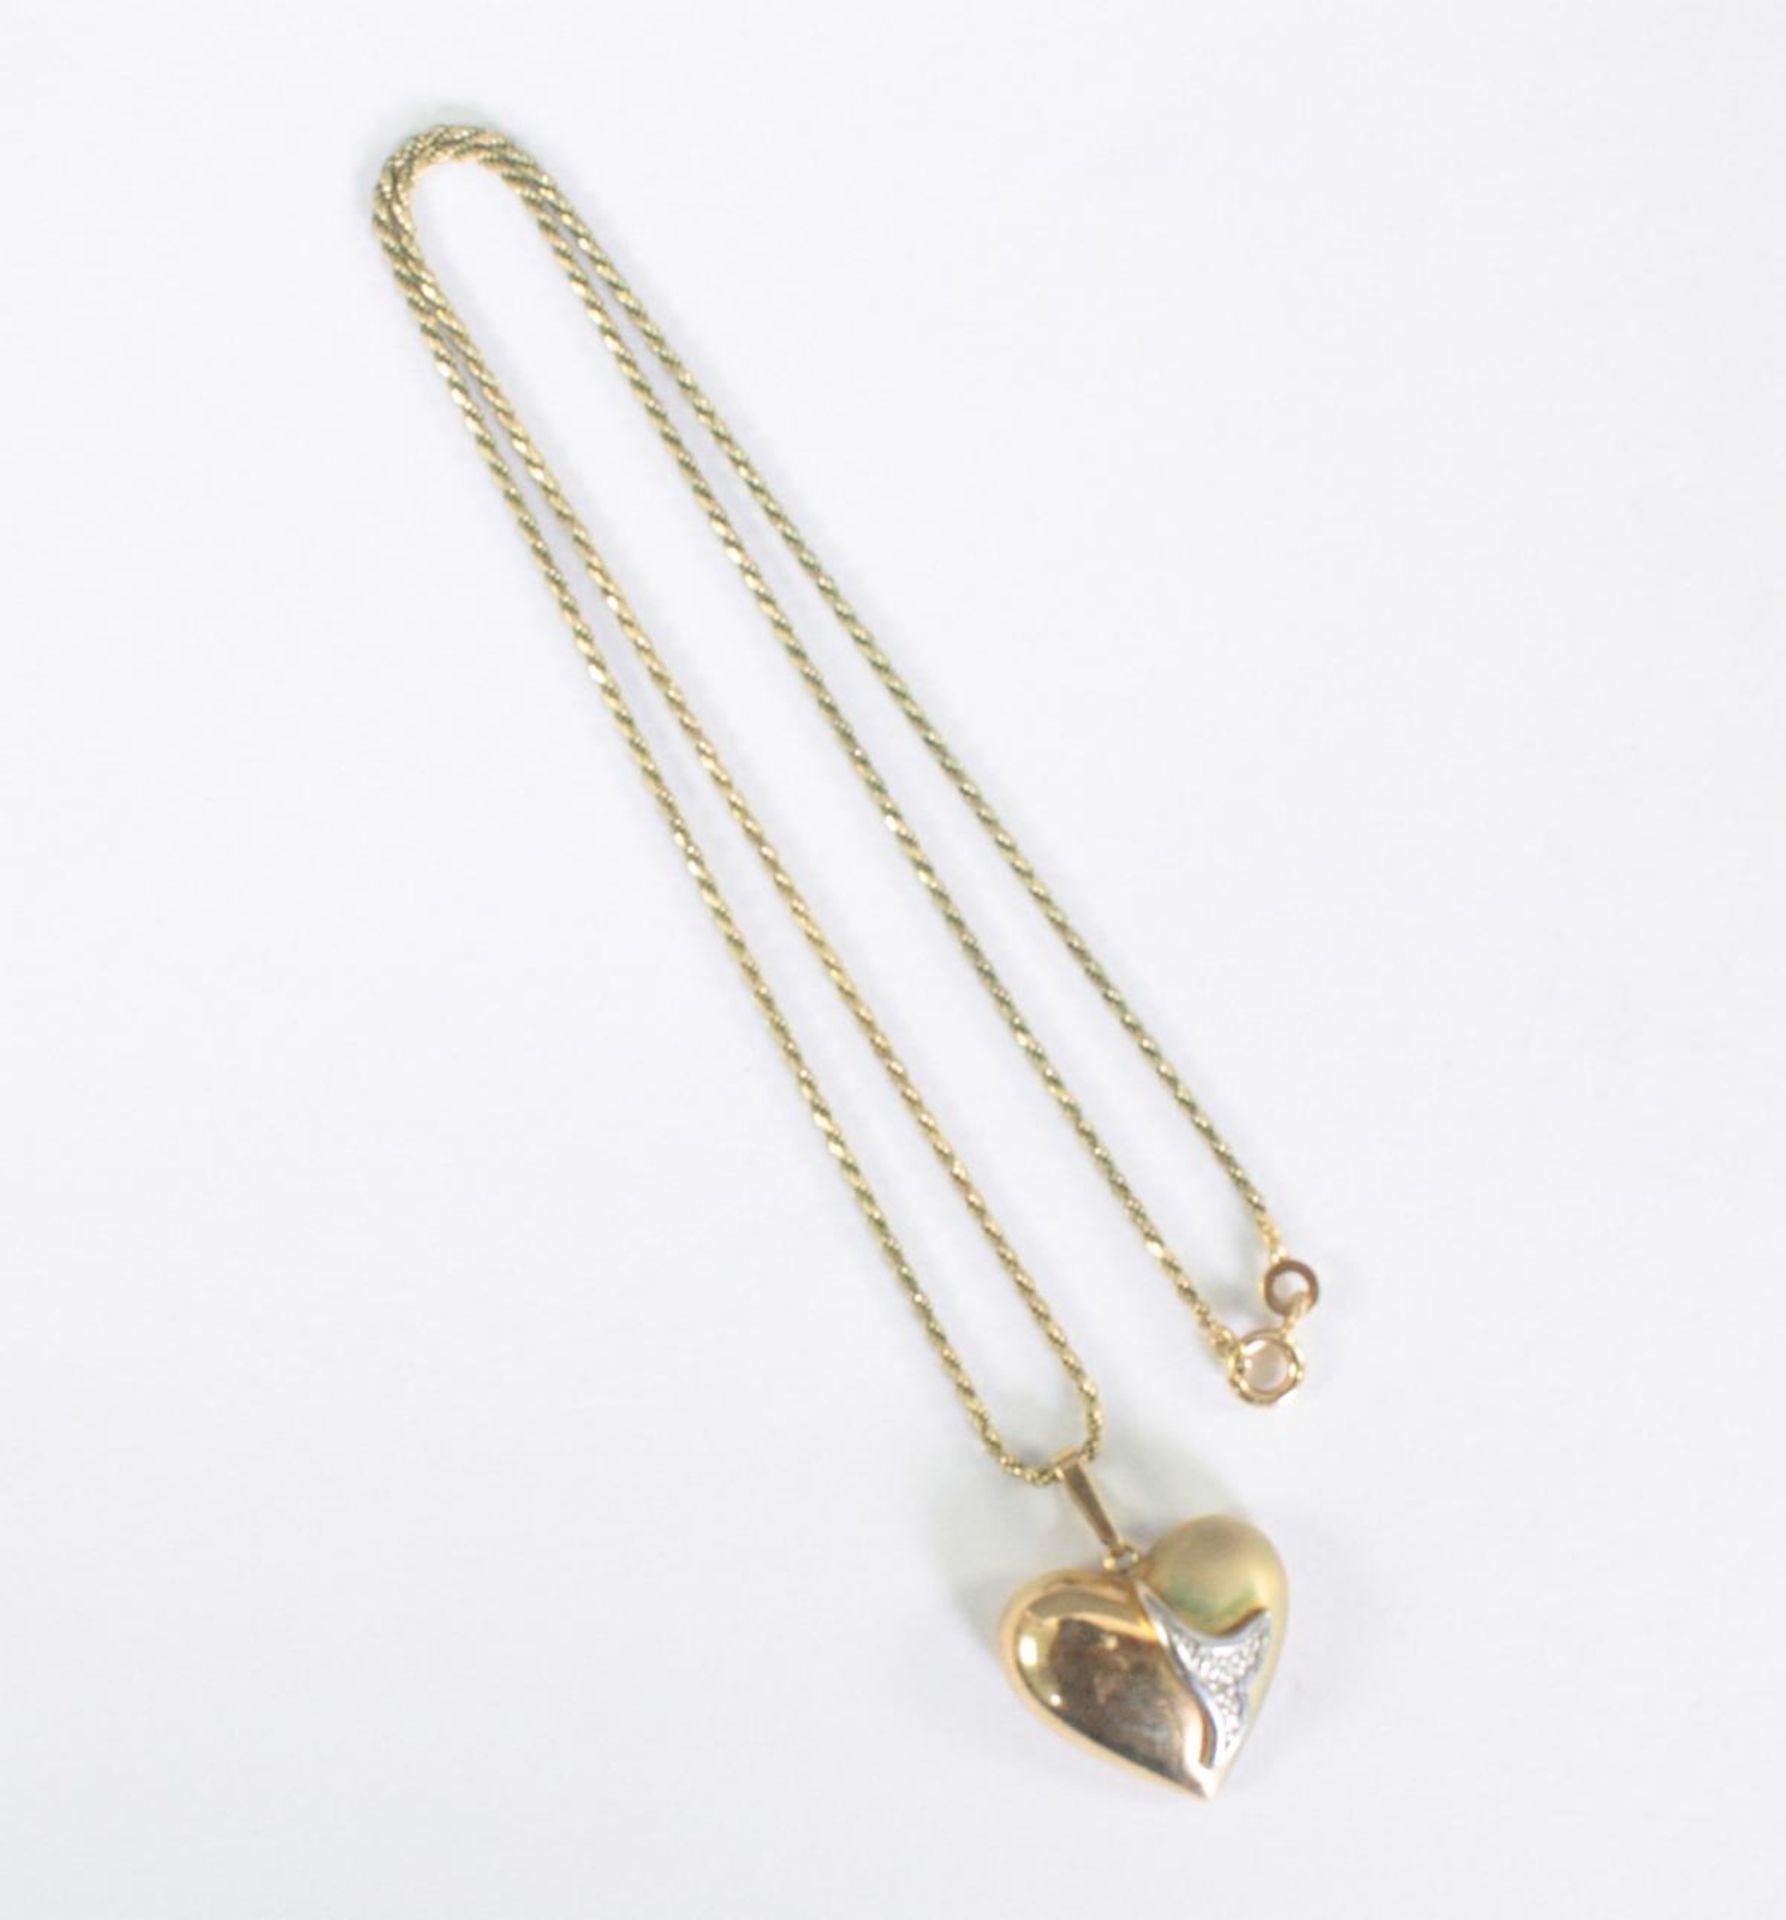 Halskette mit Herzanhänger, 8 Karat Gelbgold